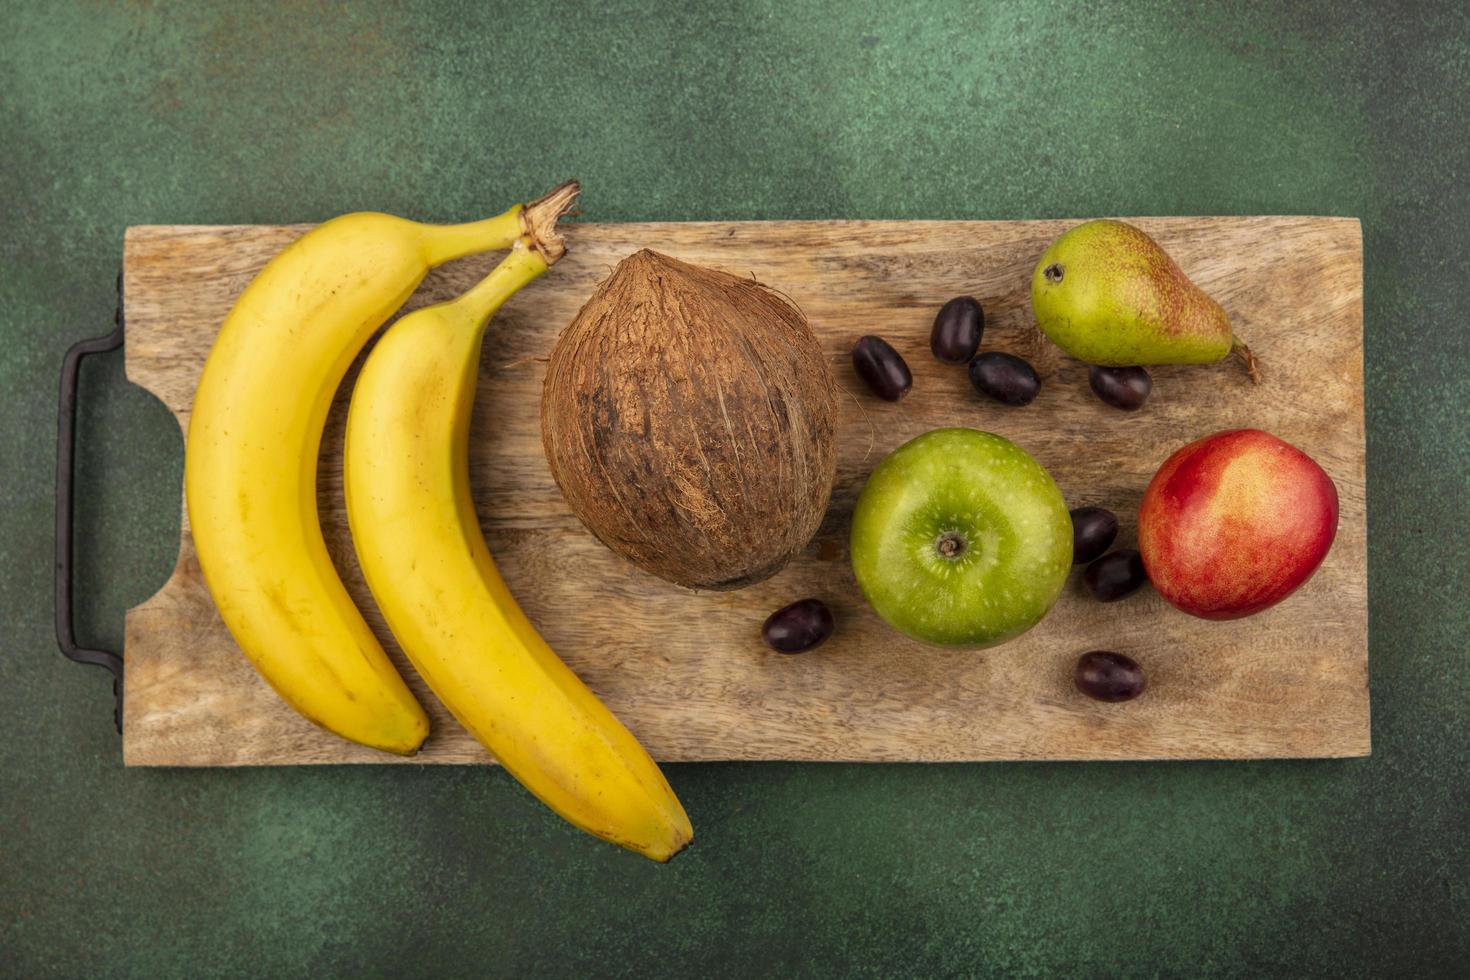 geassorteerde fruit op snijplank op groene achtergrond foto